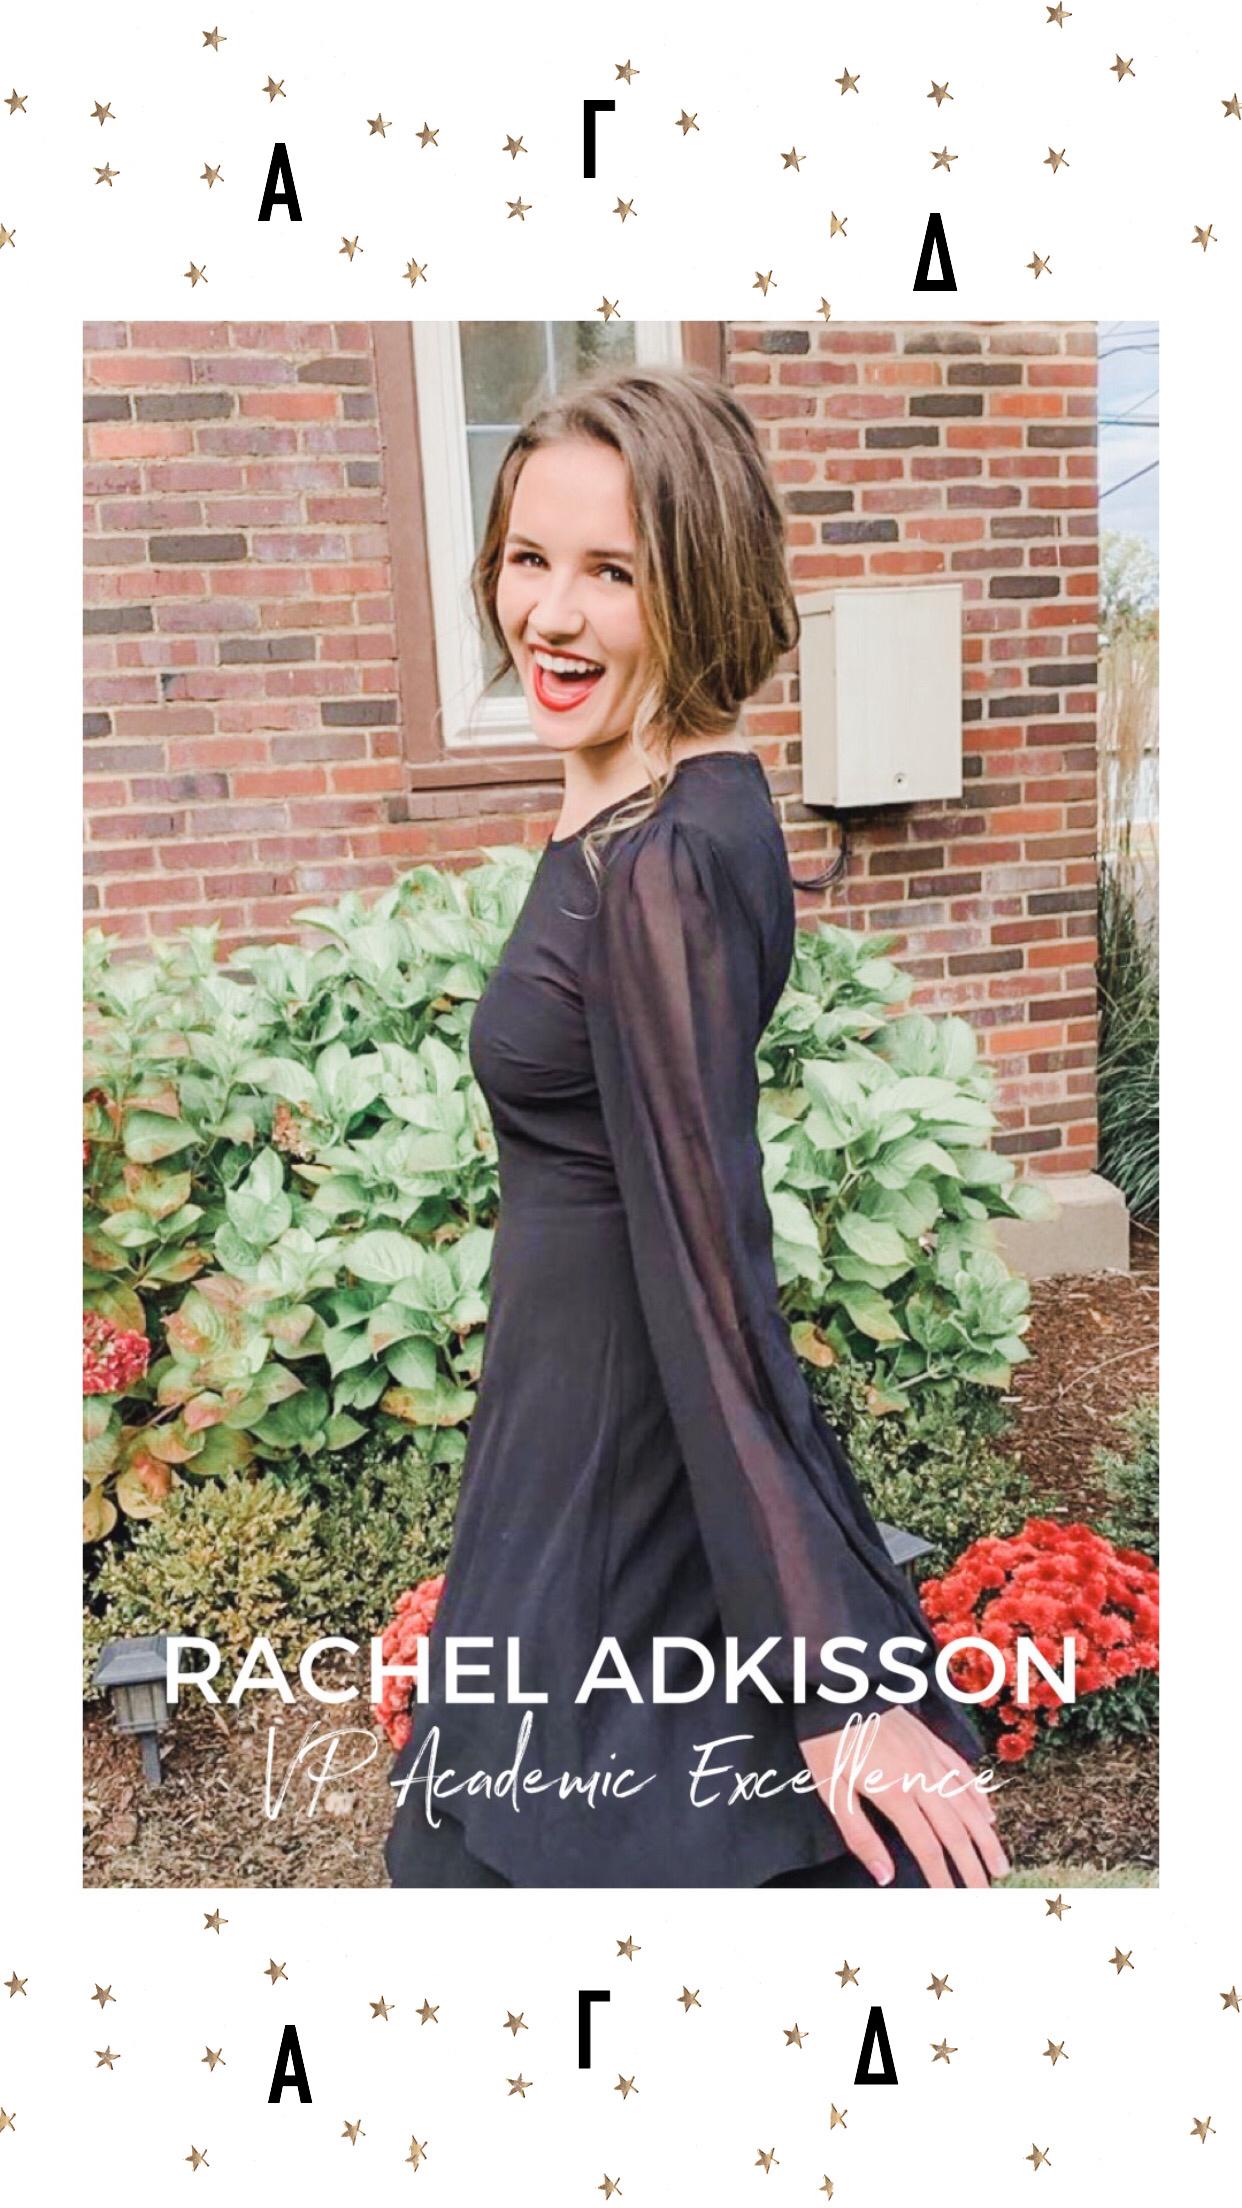 officer Rachel Adkisson